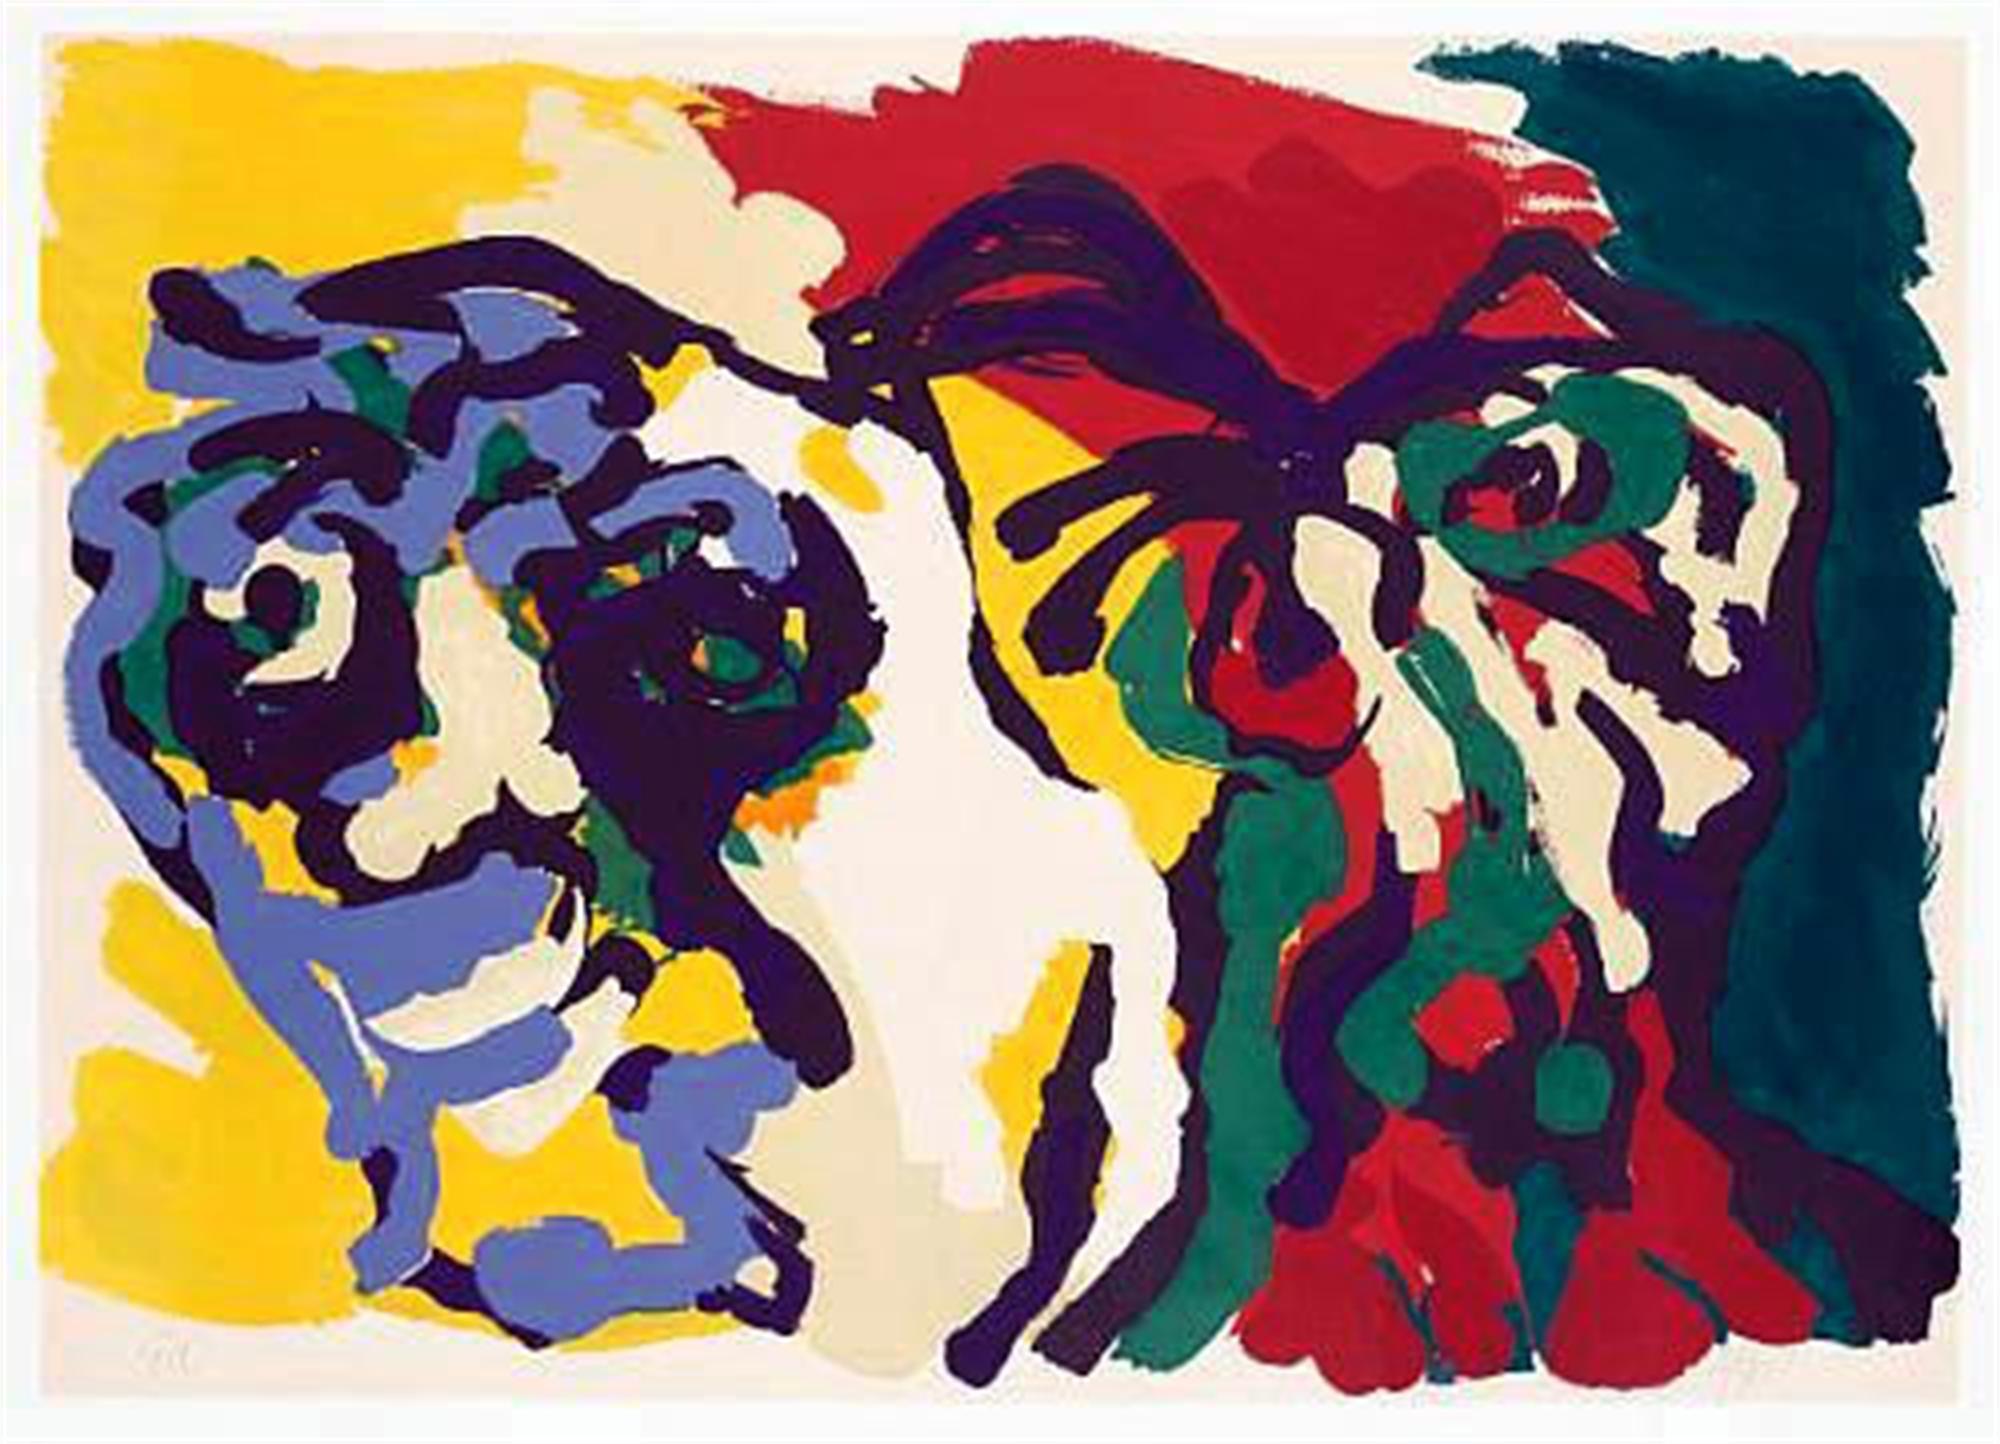 Two Flowering Heads by Karel Appel